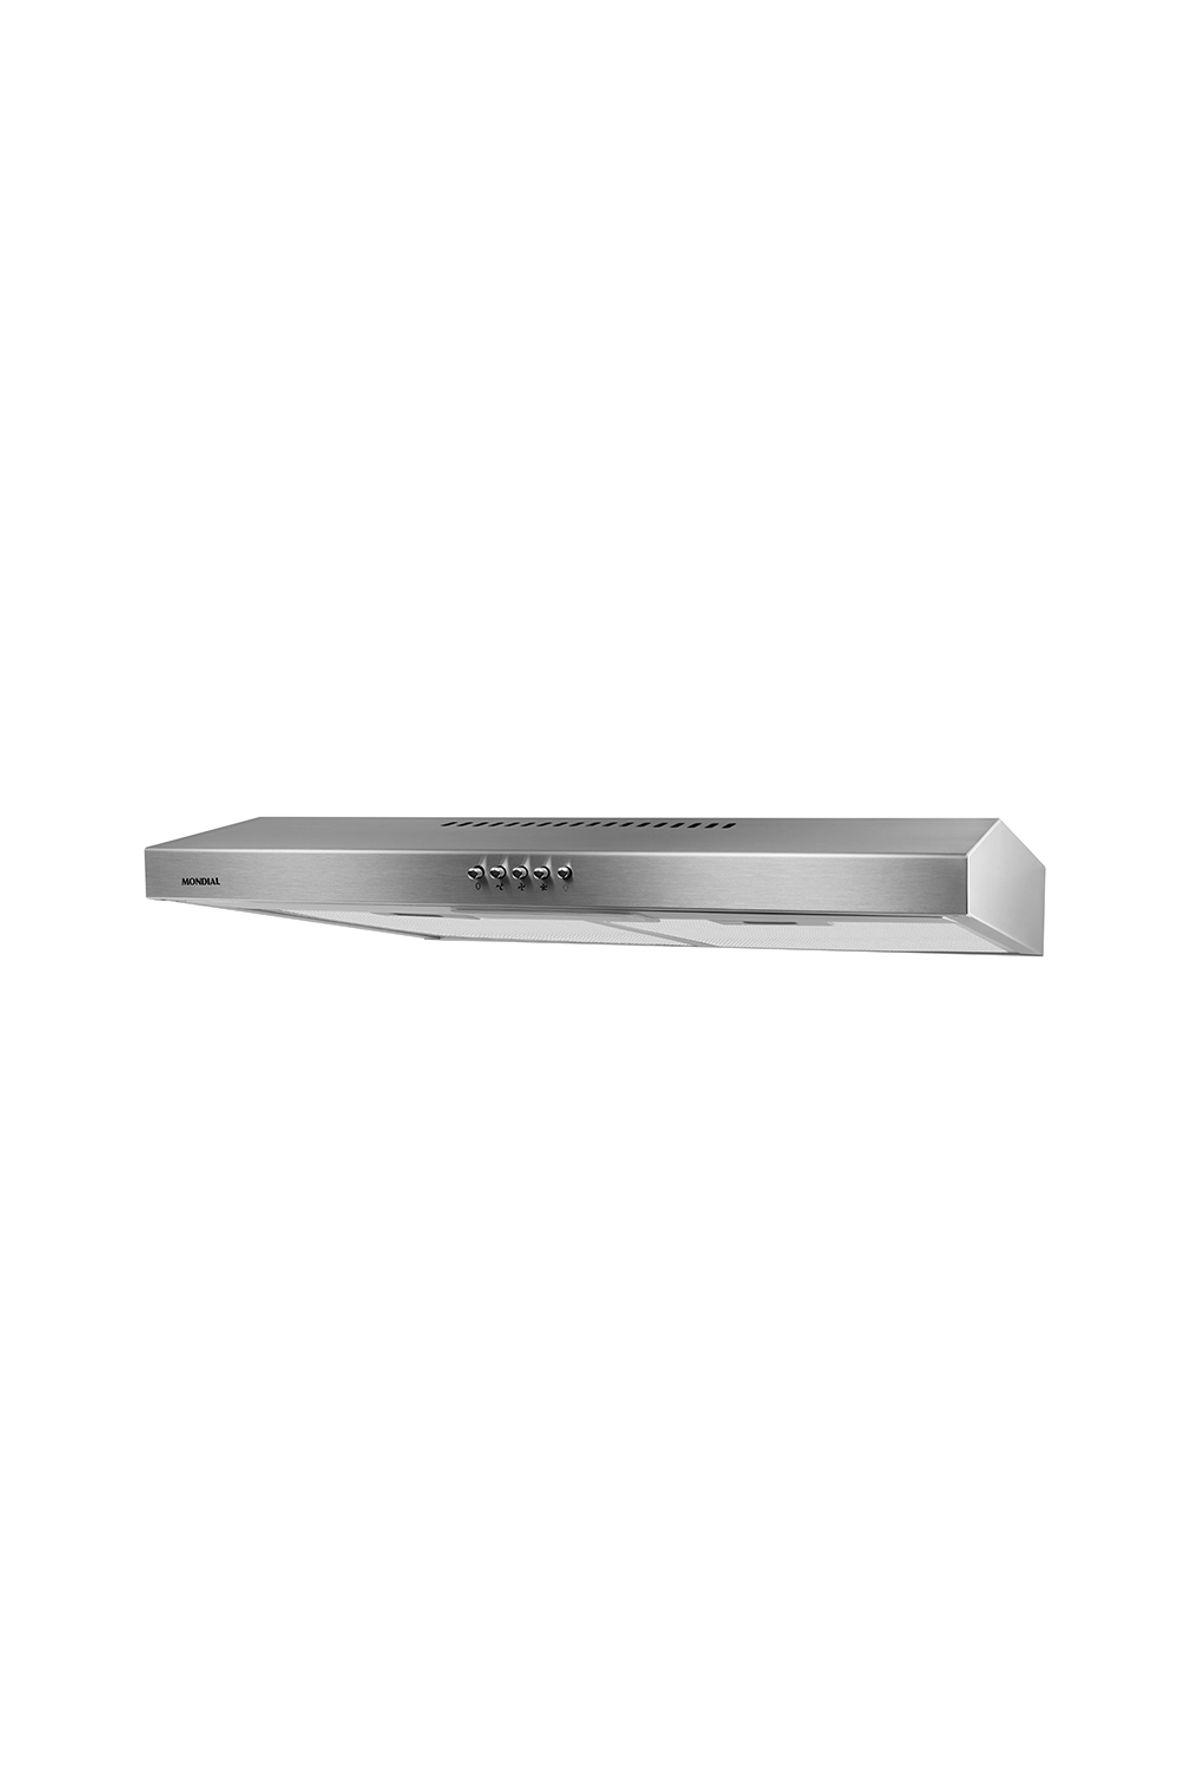 COIFA DE PAREDE INOX CF60-01 60CM 127V 66260-01 MONDIAL